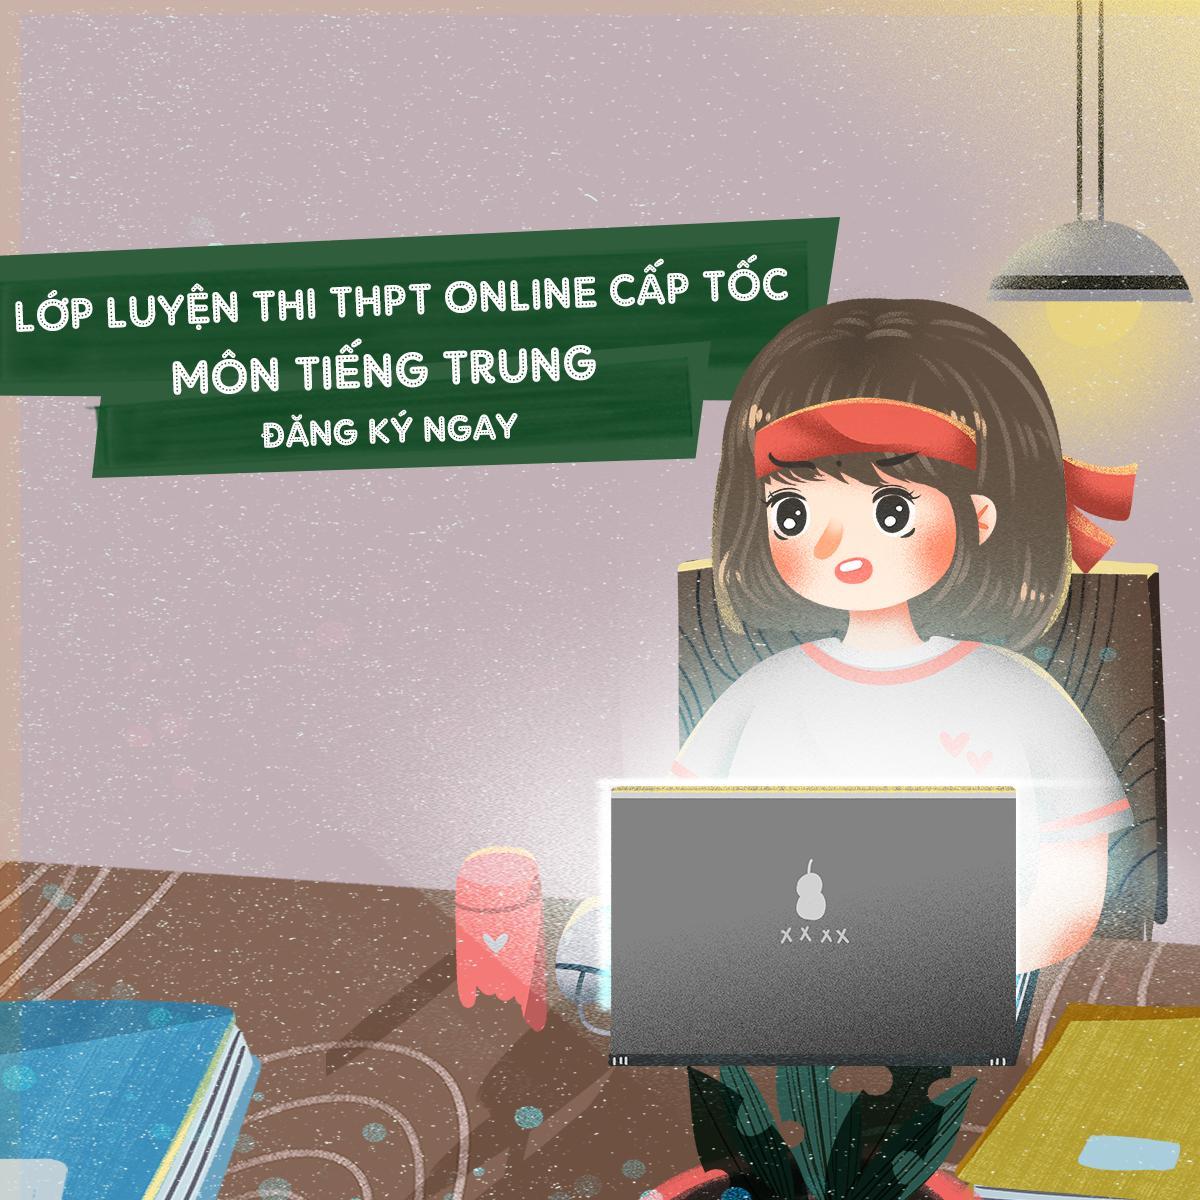 Lớp luyện thi THPT môn tiếng Trung